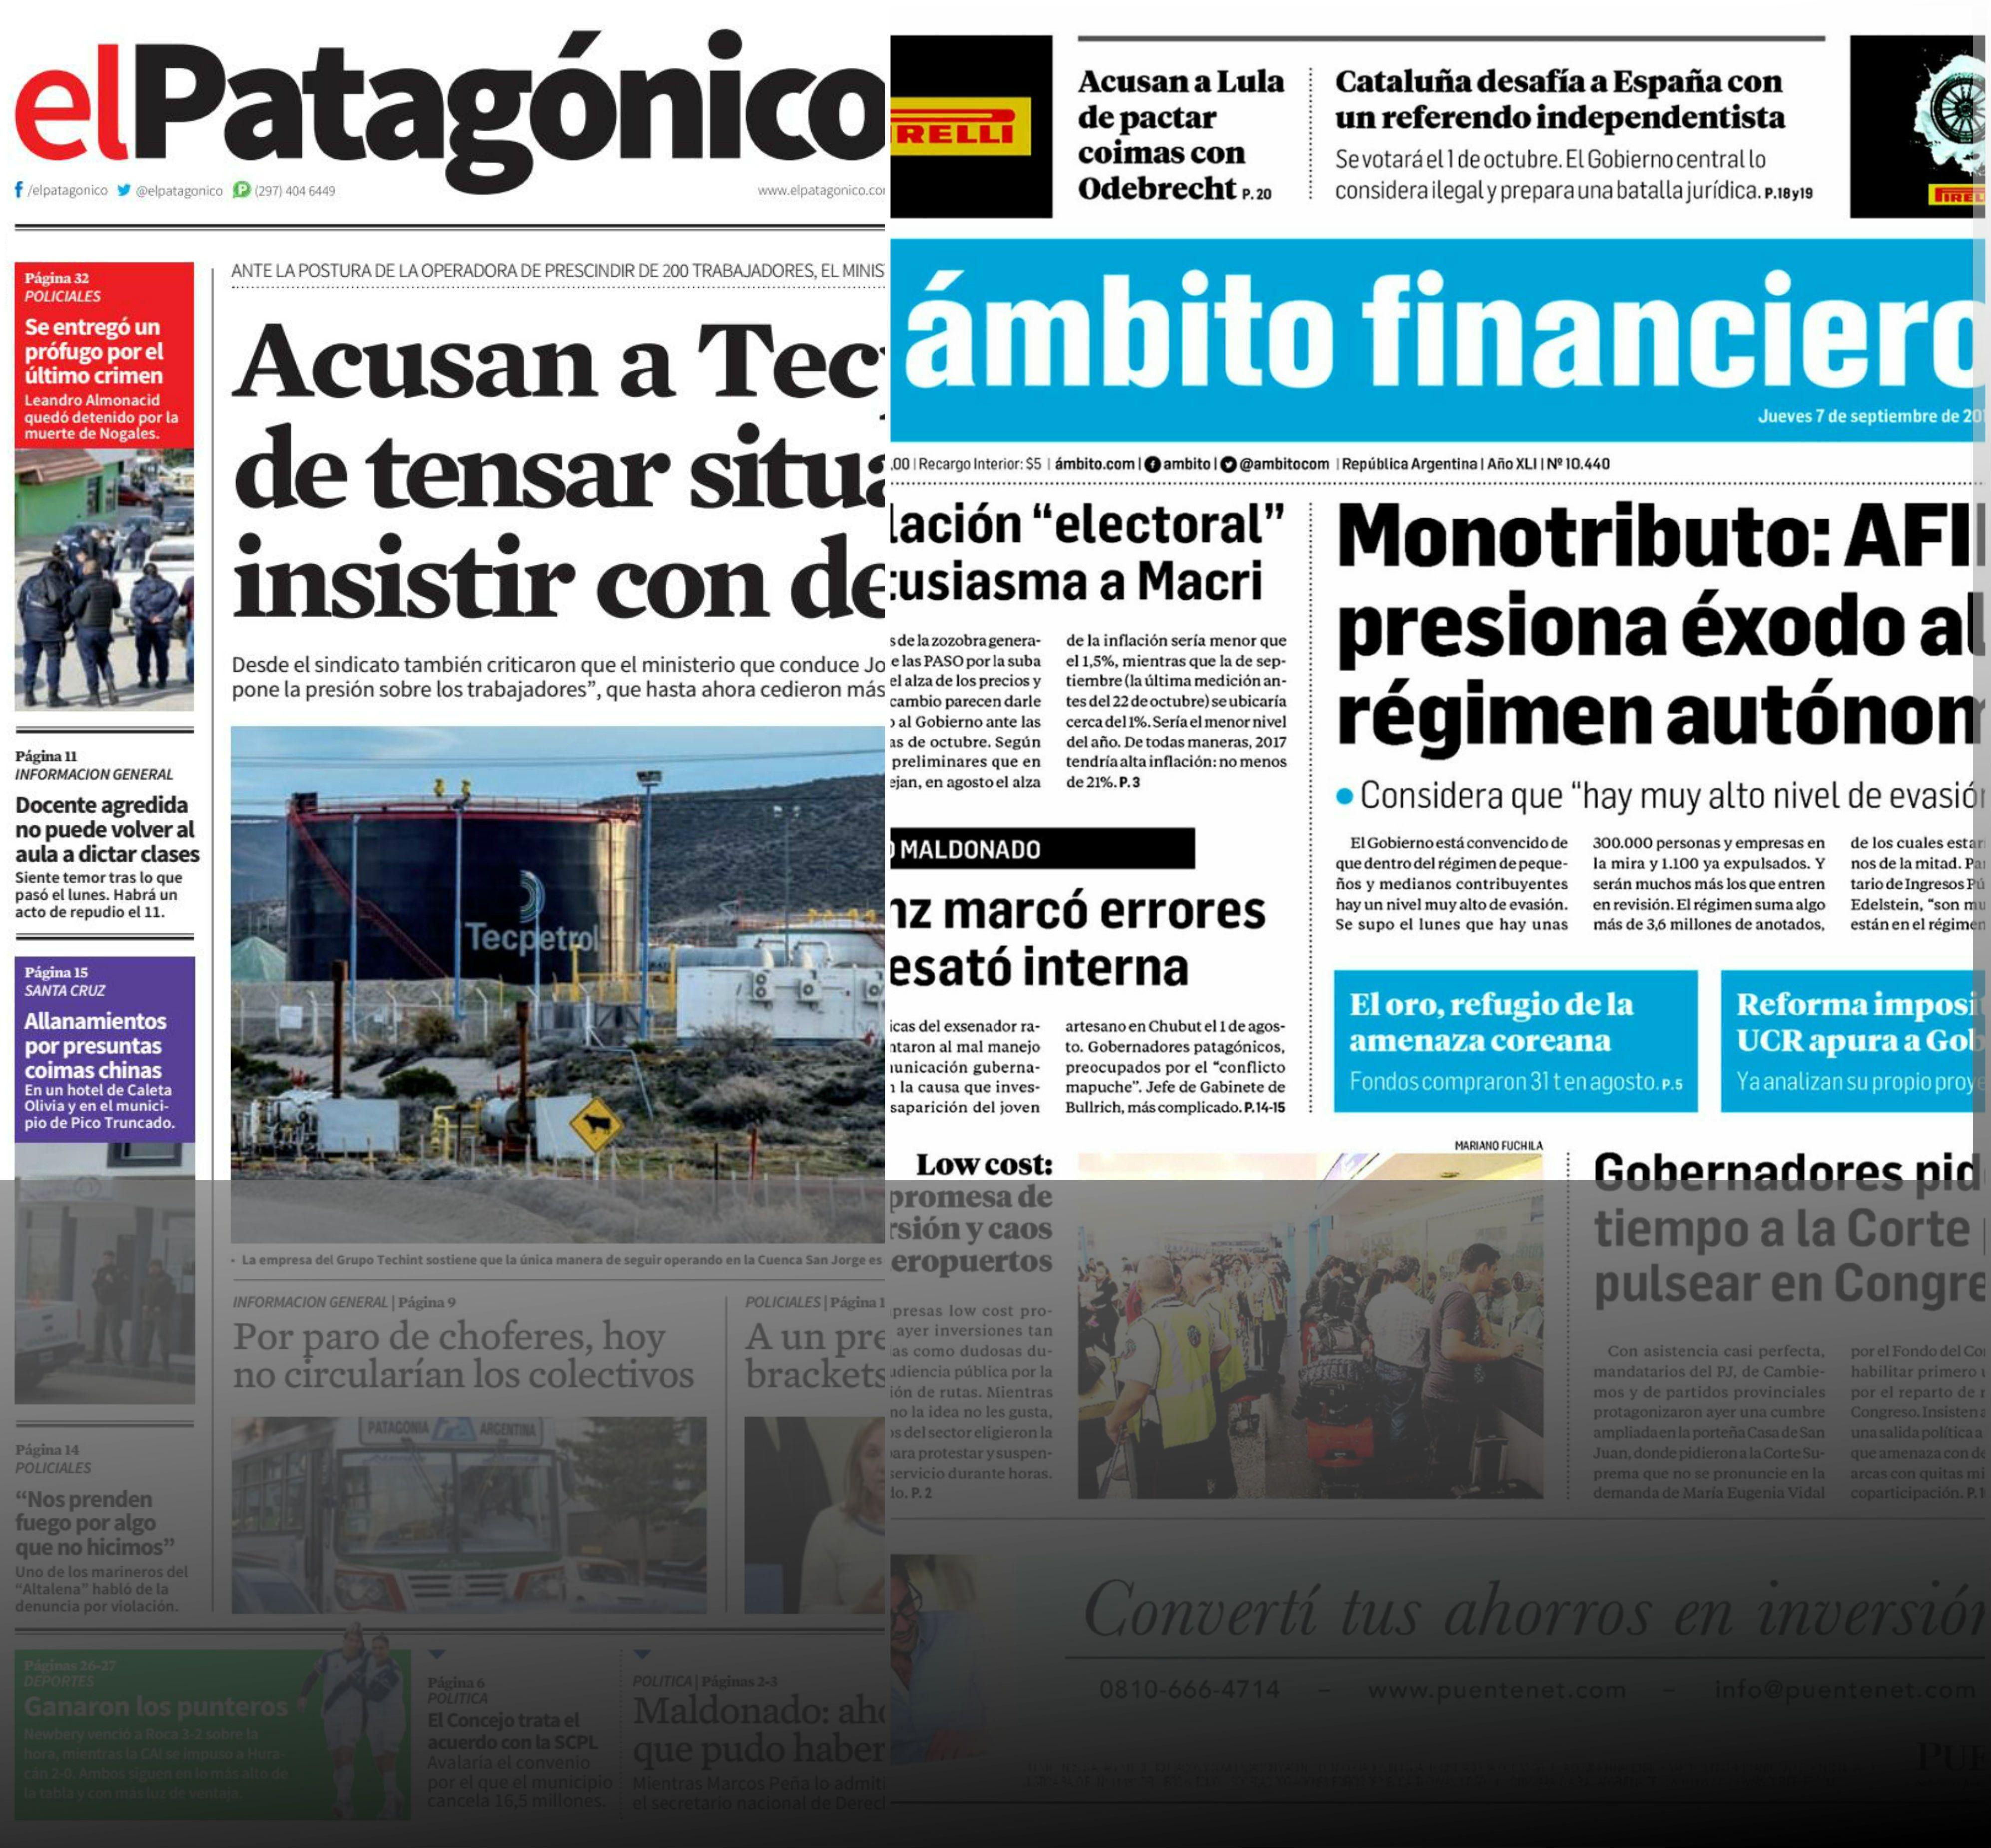 Tapas de diarios del jueves 7 de septiembre de 2017